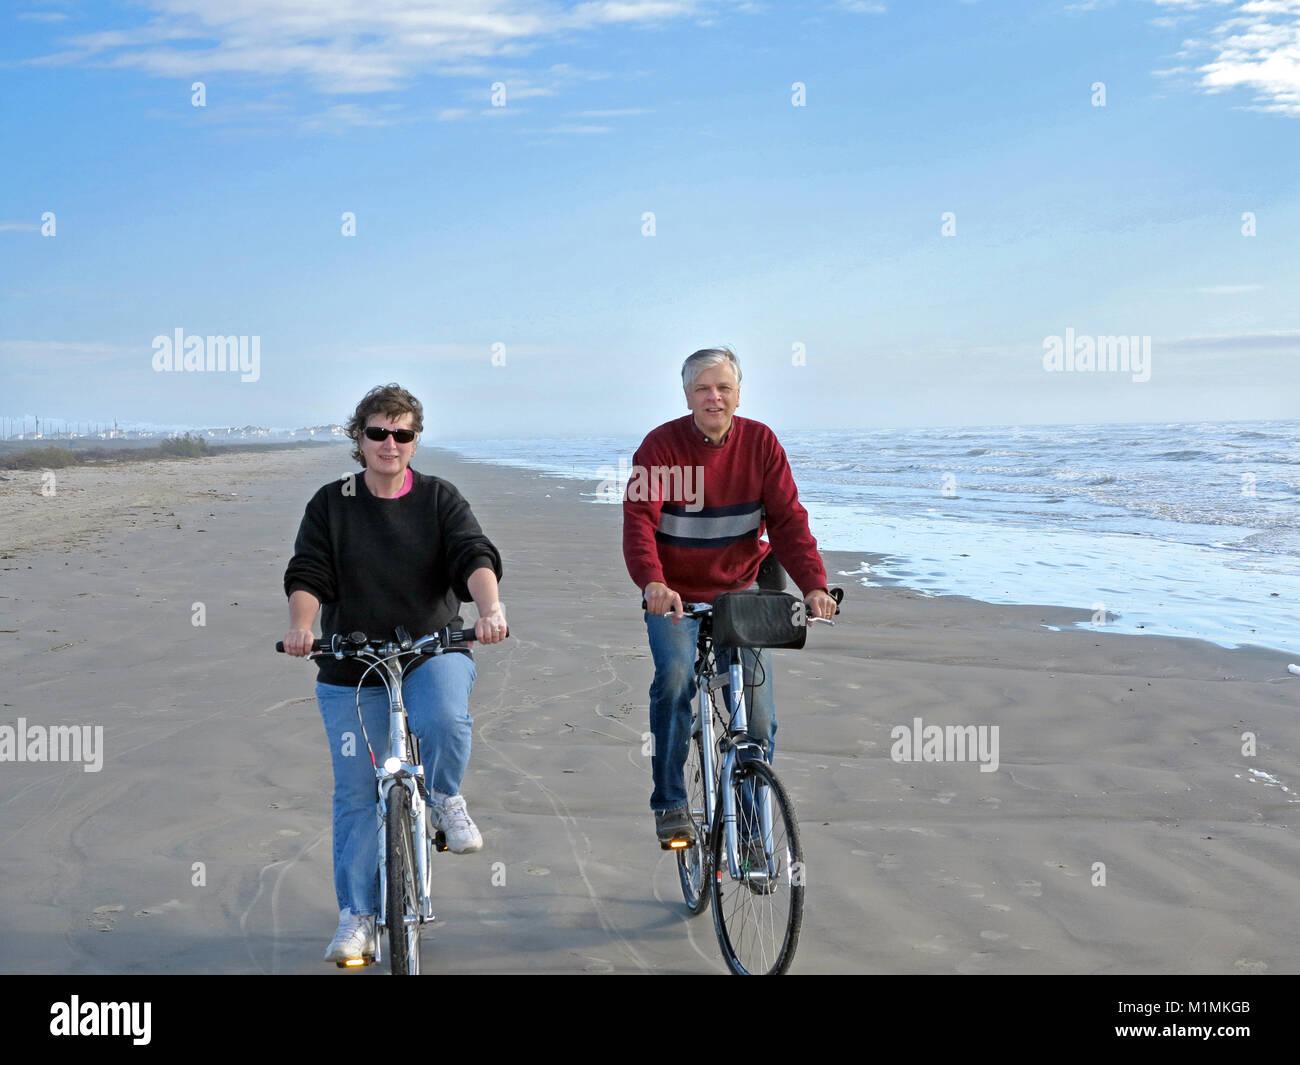 Active couple bicycling on Mustang Island, Corpus Christi, Texas, USA - Stock Image